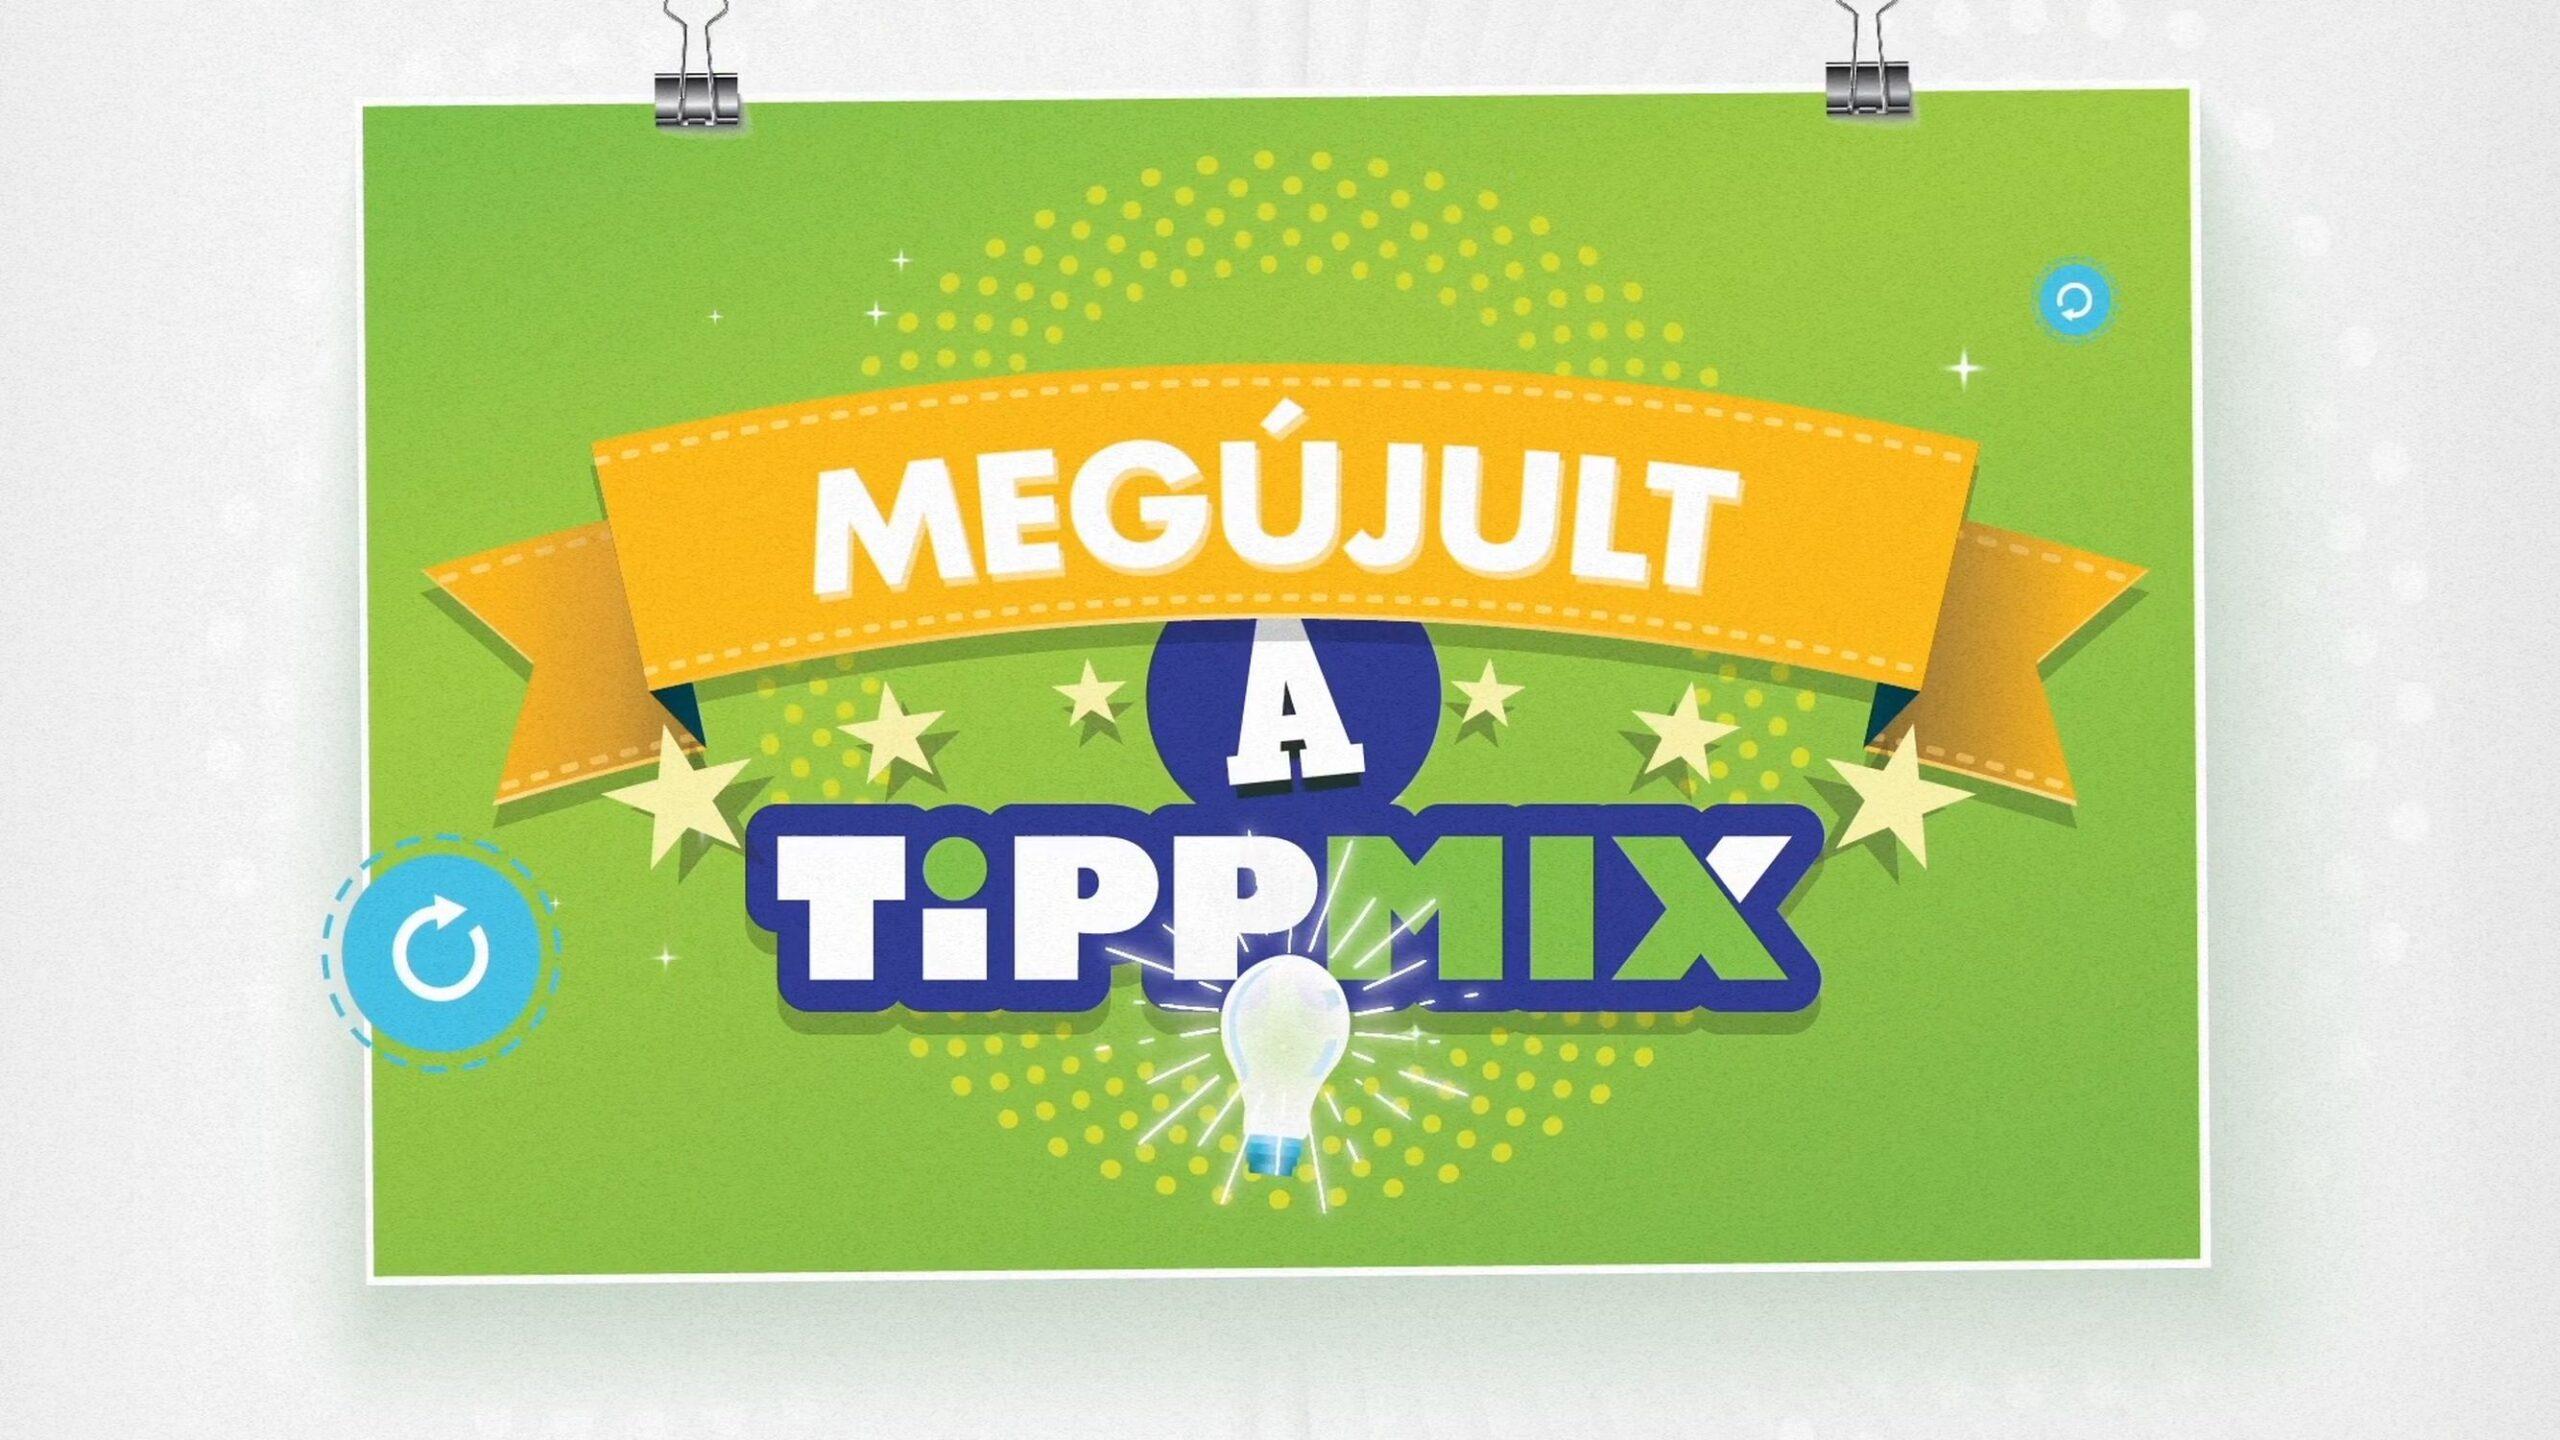 TIPPMIX Megújulás video 1 min